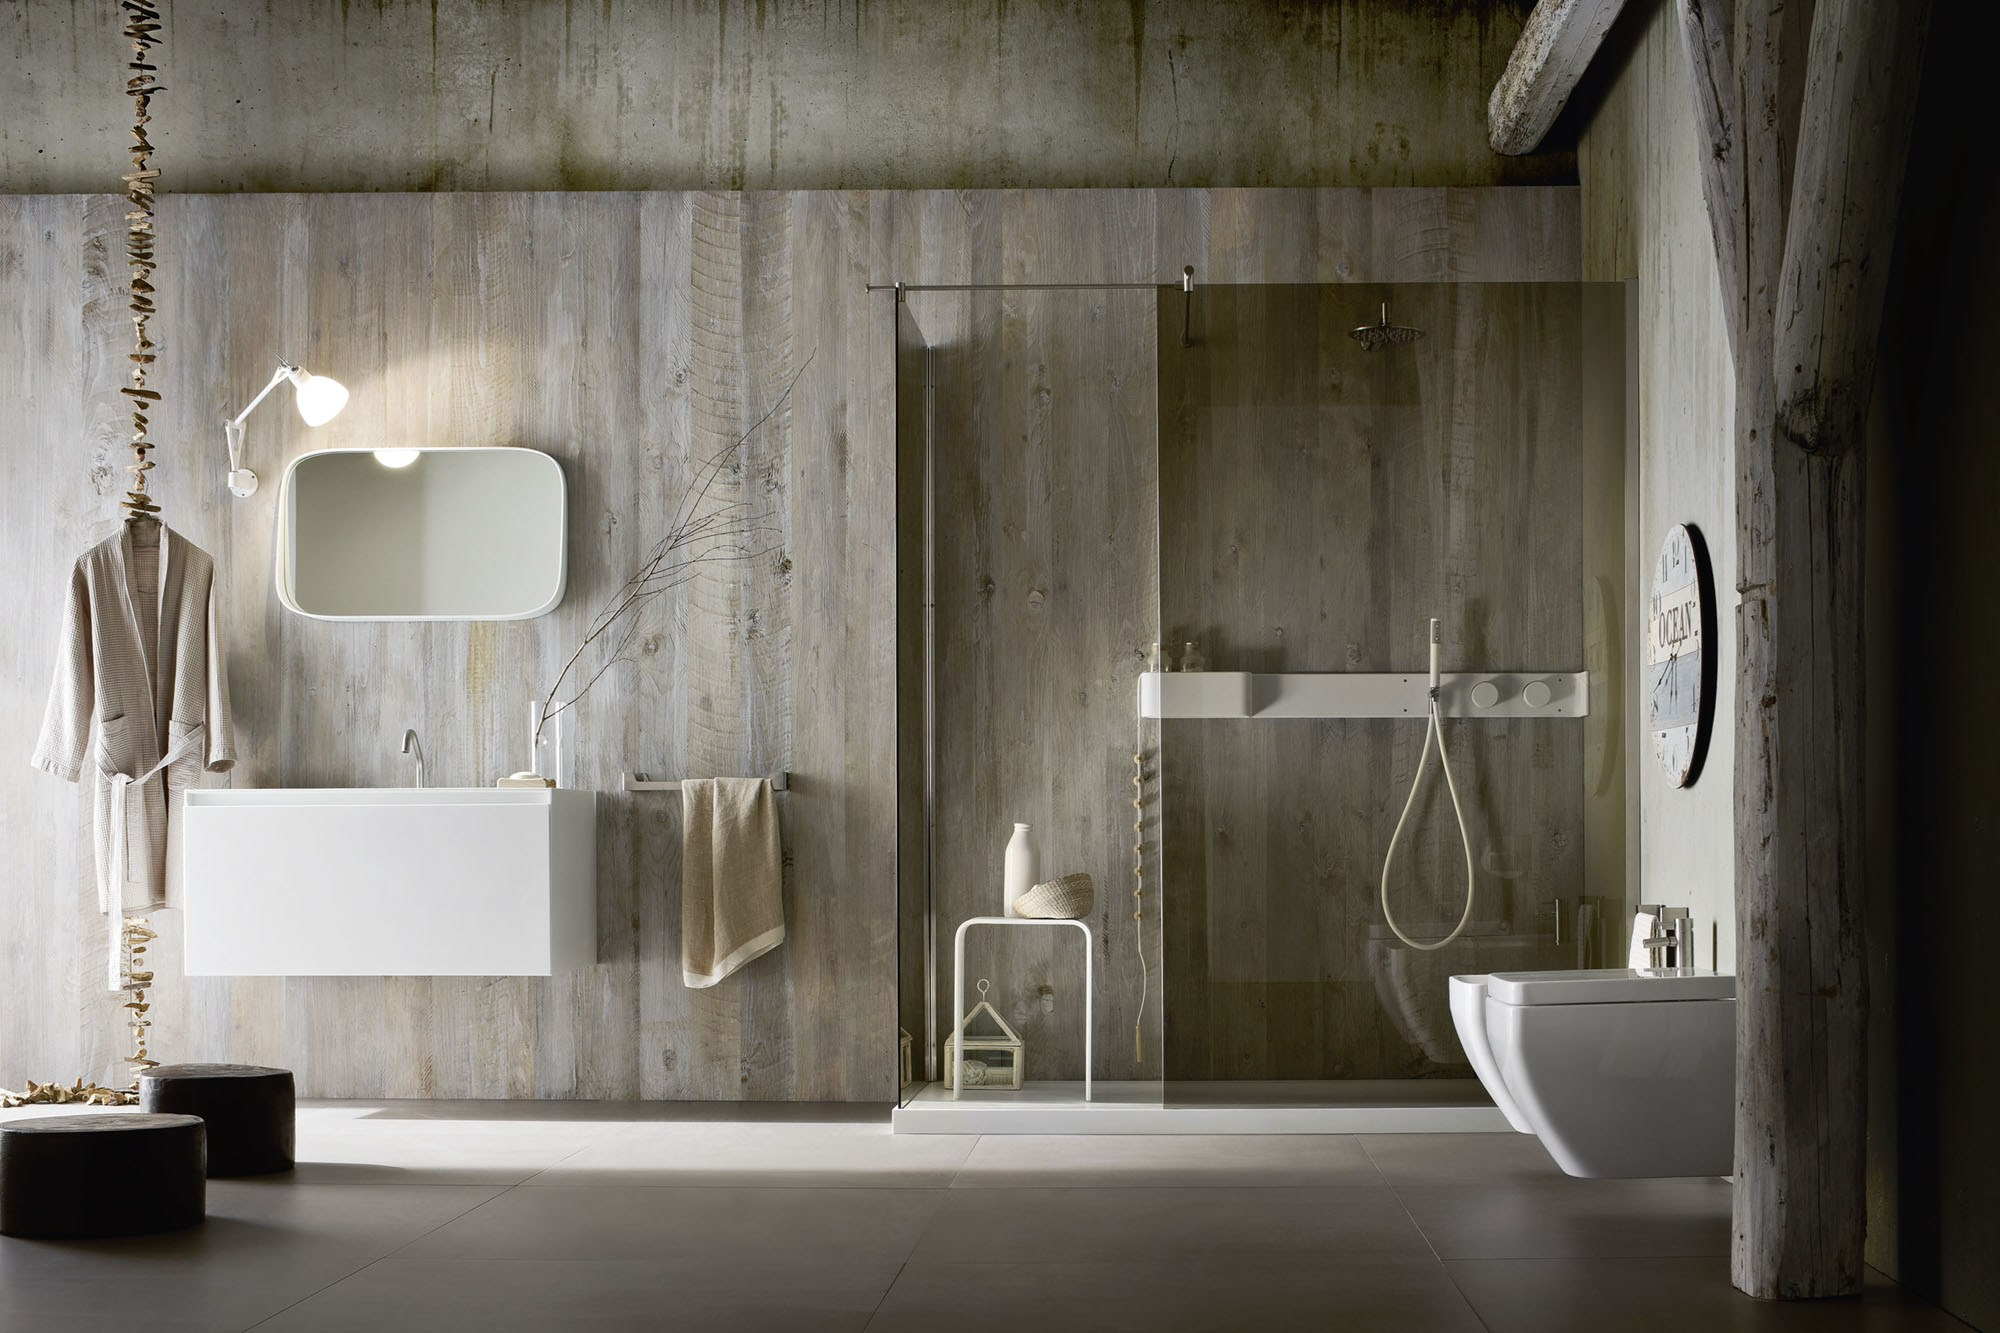 Ergo nomic piatto doccia in corian by rexa design design giulio gianturco - Idee al italiaanse douche ...